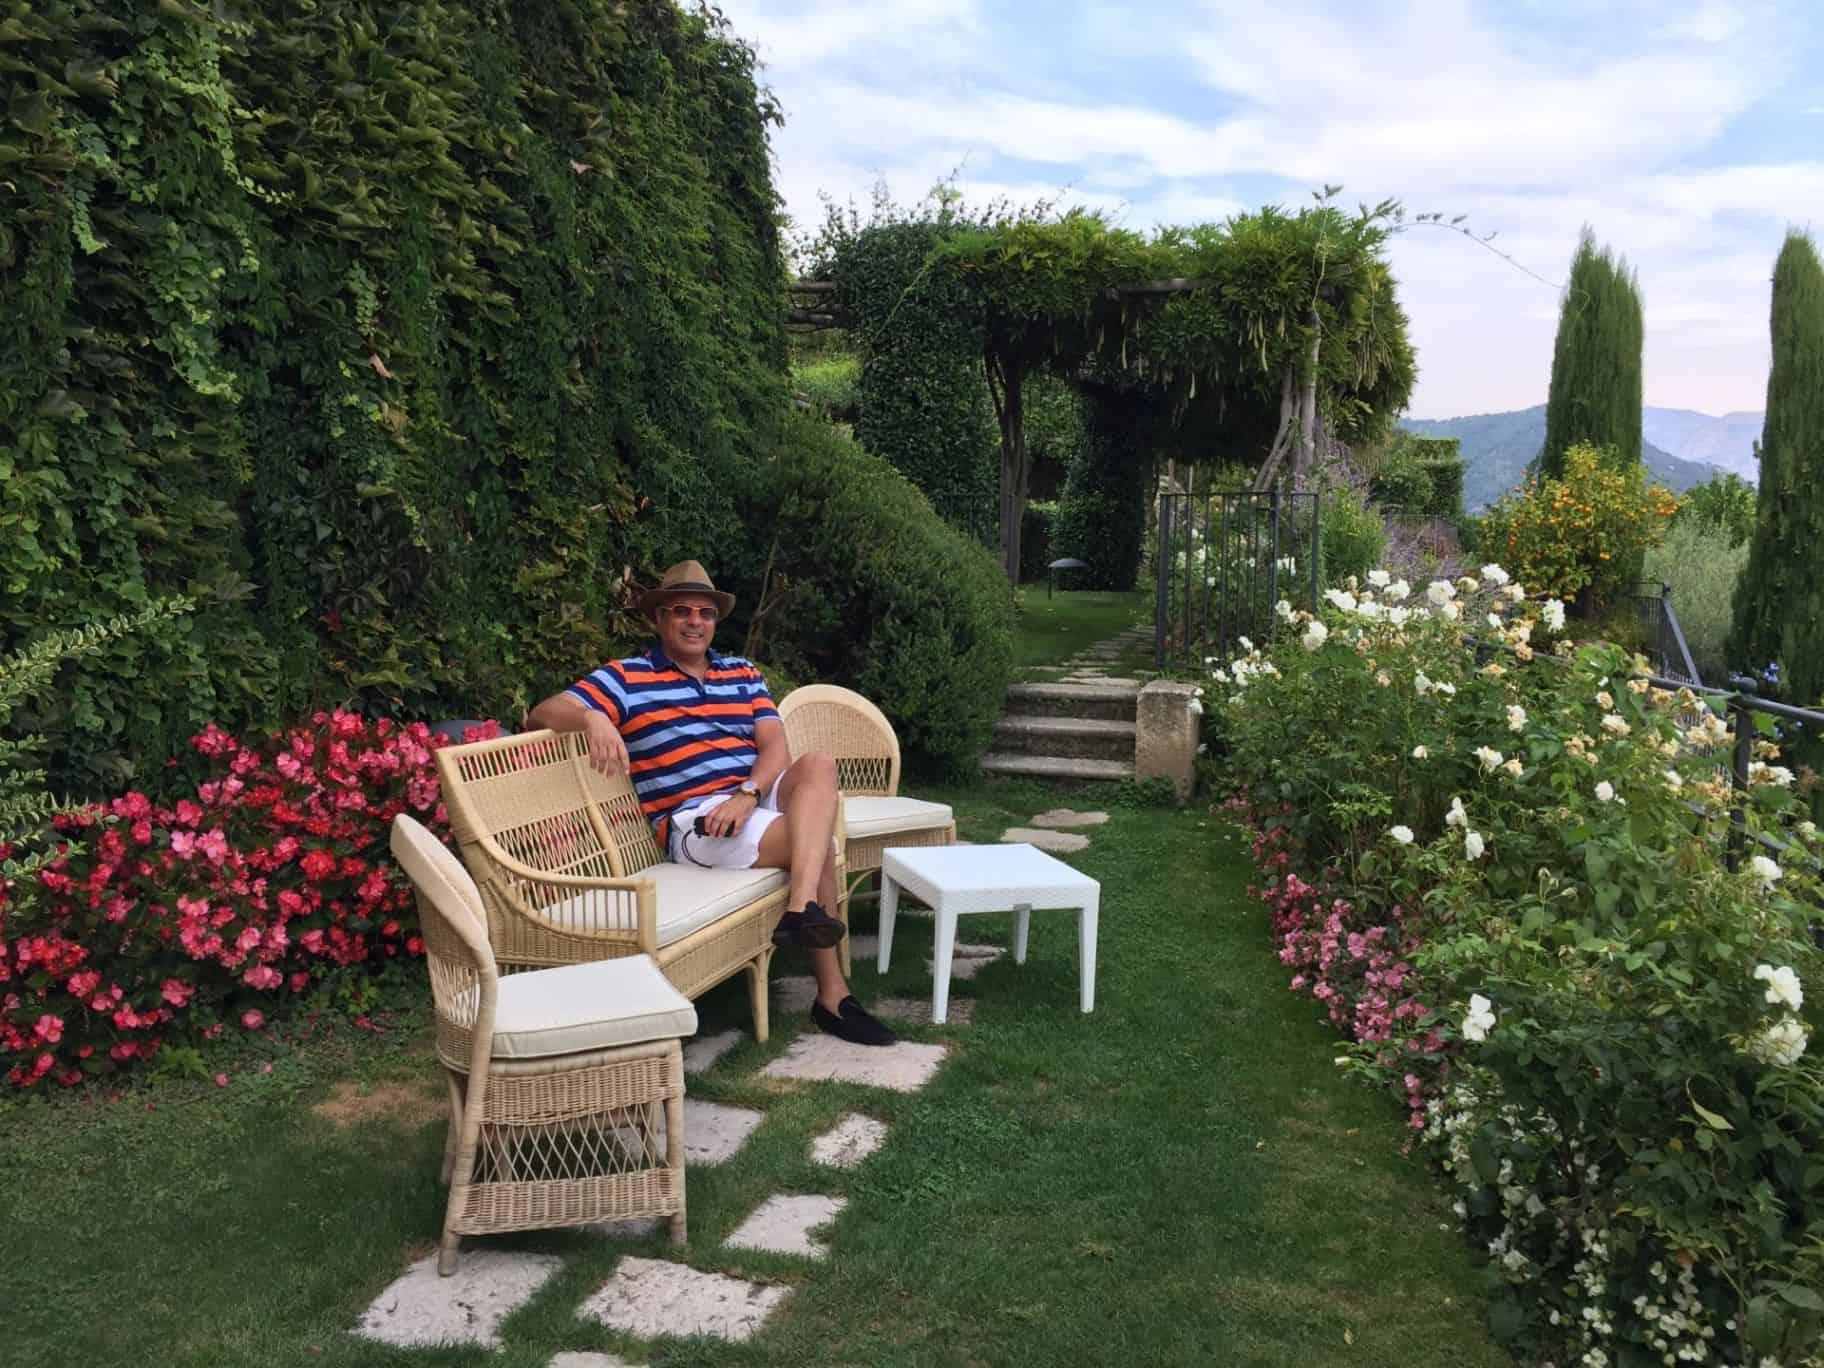 Belmond Hotel Caruso Gardens